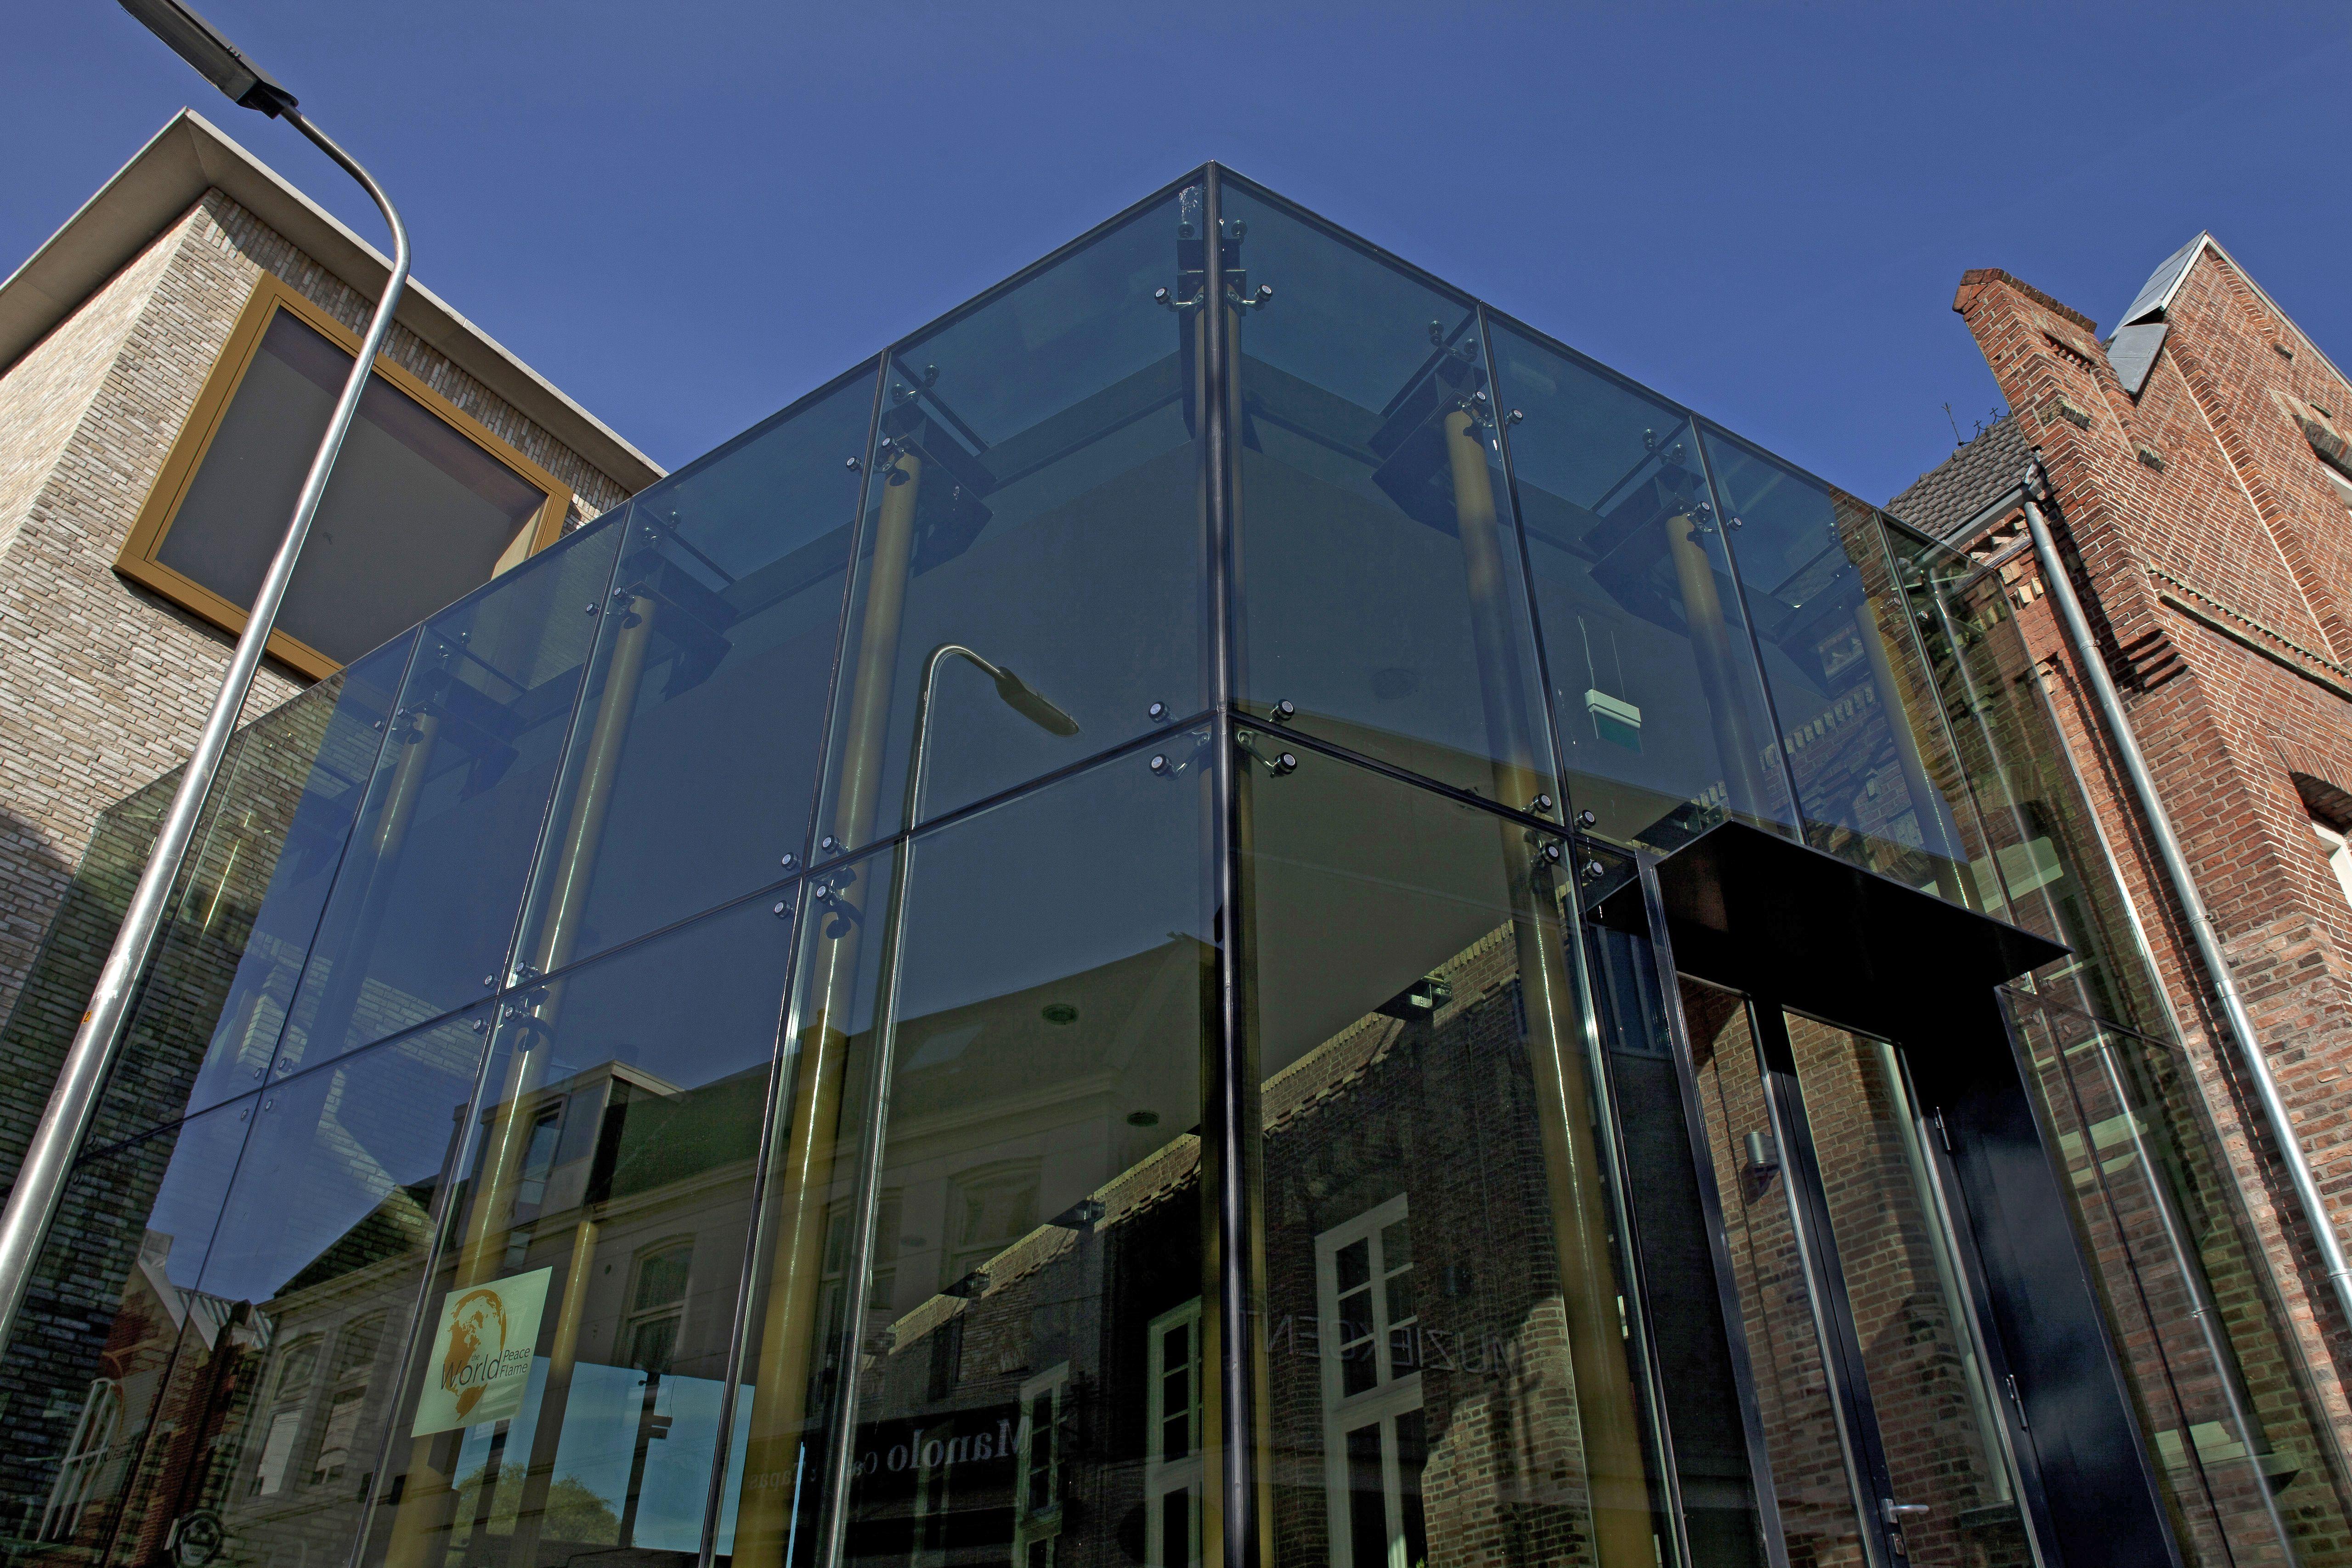 Glazen tussenbouw verbindt oud en nieuw - Oud en modern huis ...